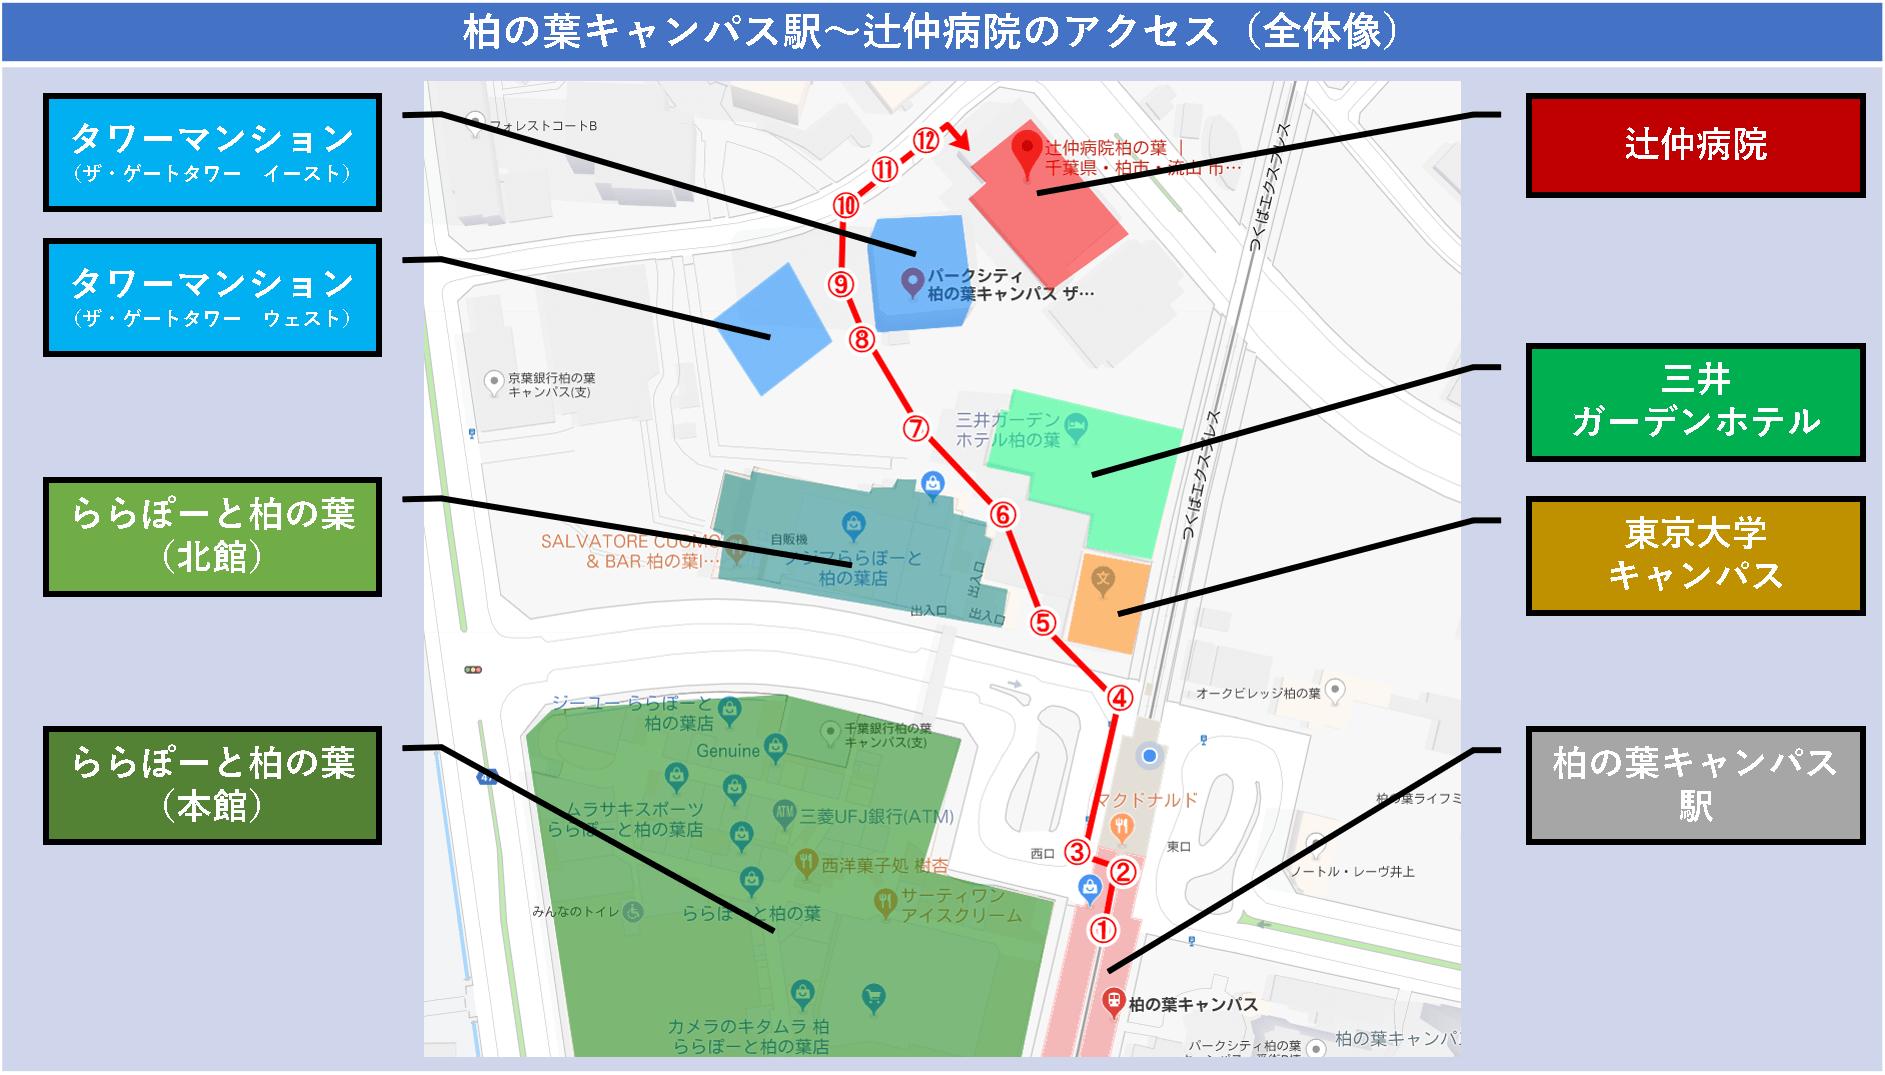 柏の葉キャンパス駅~辻仲病院の道順・アクセス(全体像)